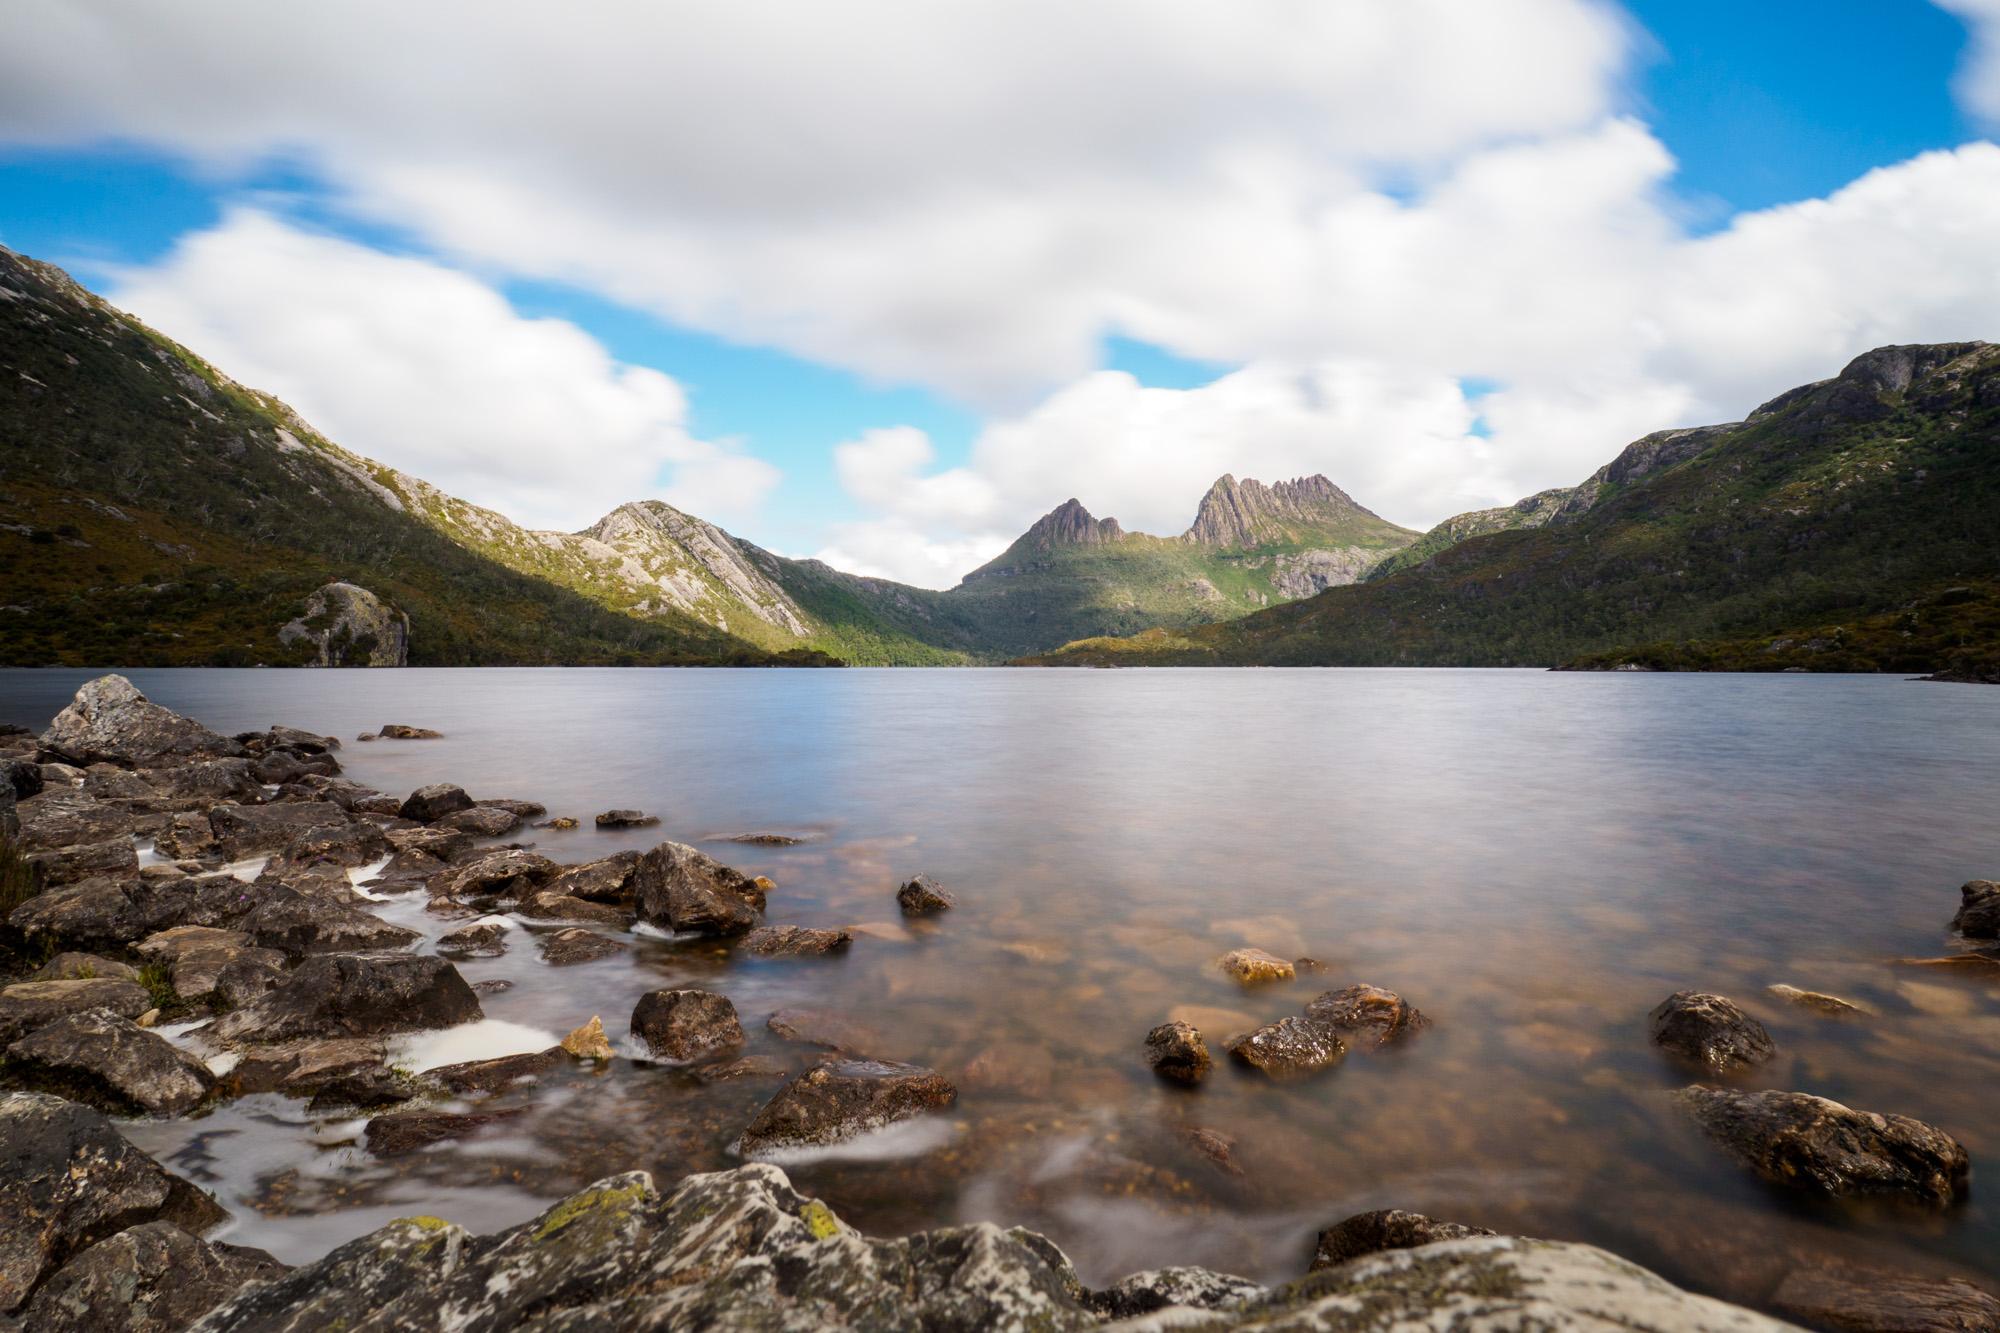 Cradle Mountain Nationalpark- Aussicht vom Dove Lake auf den Cradle Mountain